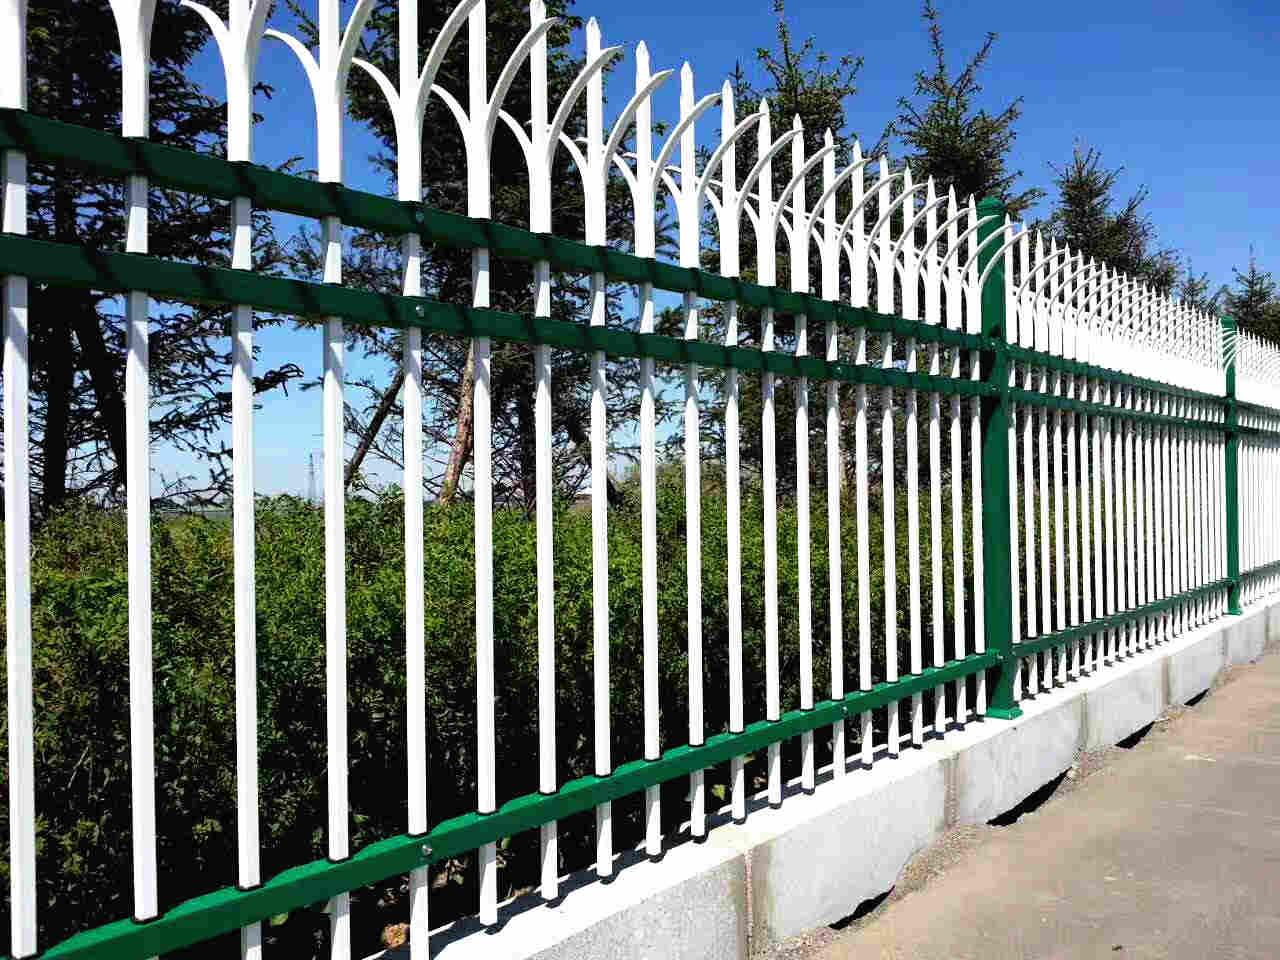 锌钢护栏的加工特点及性能有哪些